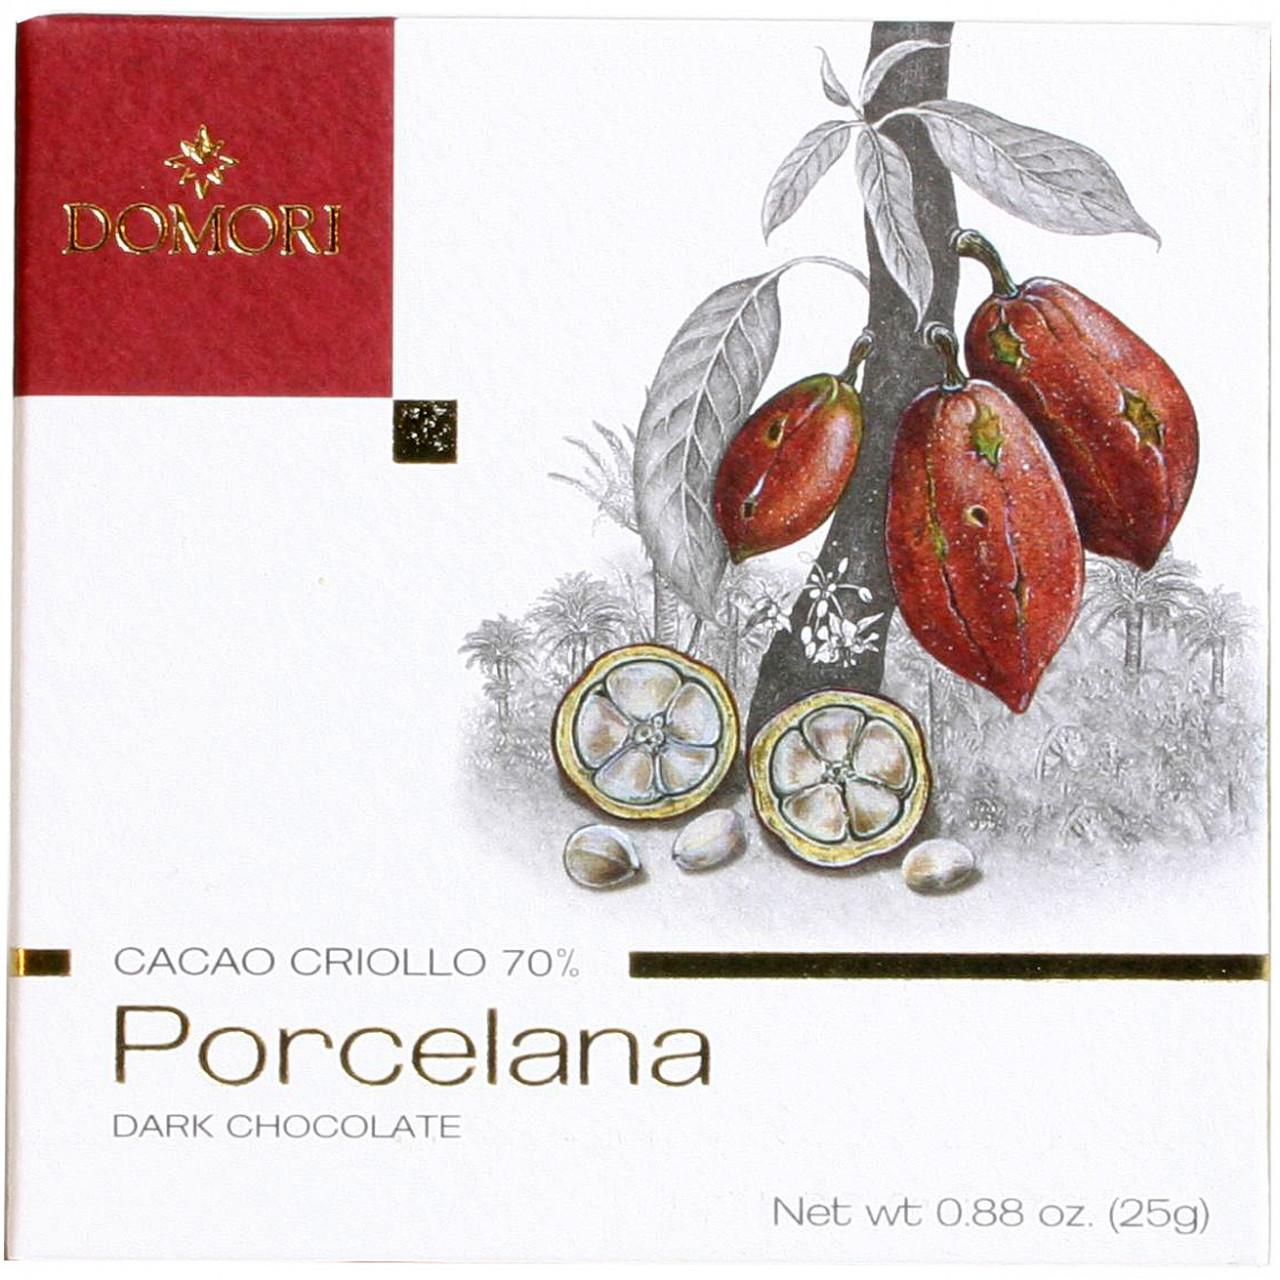 Schokolade, Porcelana Schokolade, Criollo, seltene Schokolade, dark chocolate, chocolat noir                                                                                                             - Tavola di cioccolato, Italia, cioccolato italiano, Cioccolato con zucchero - Chocolats-De-Luxe